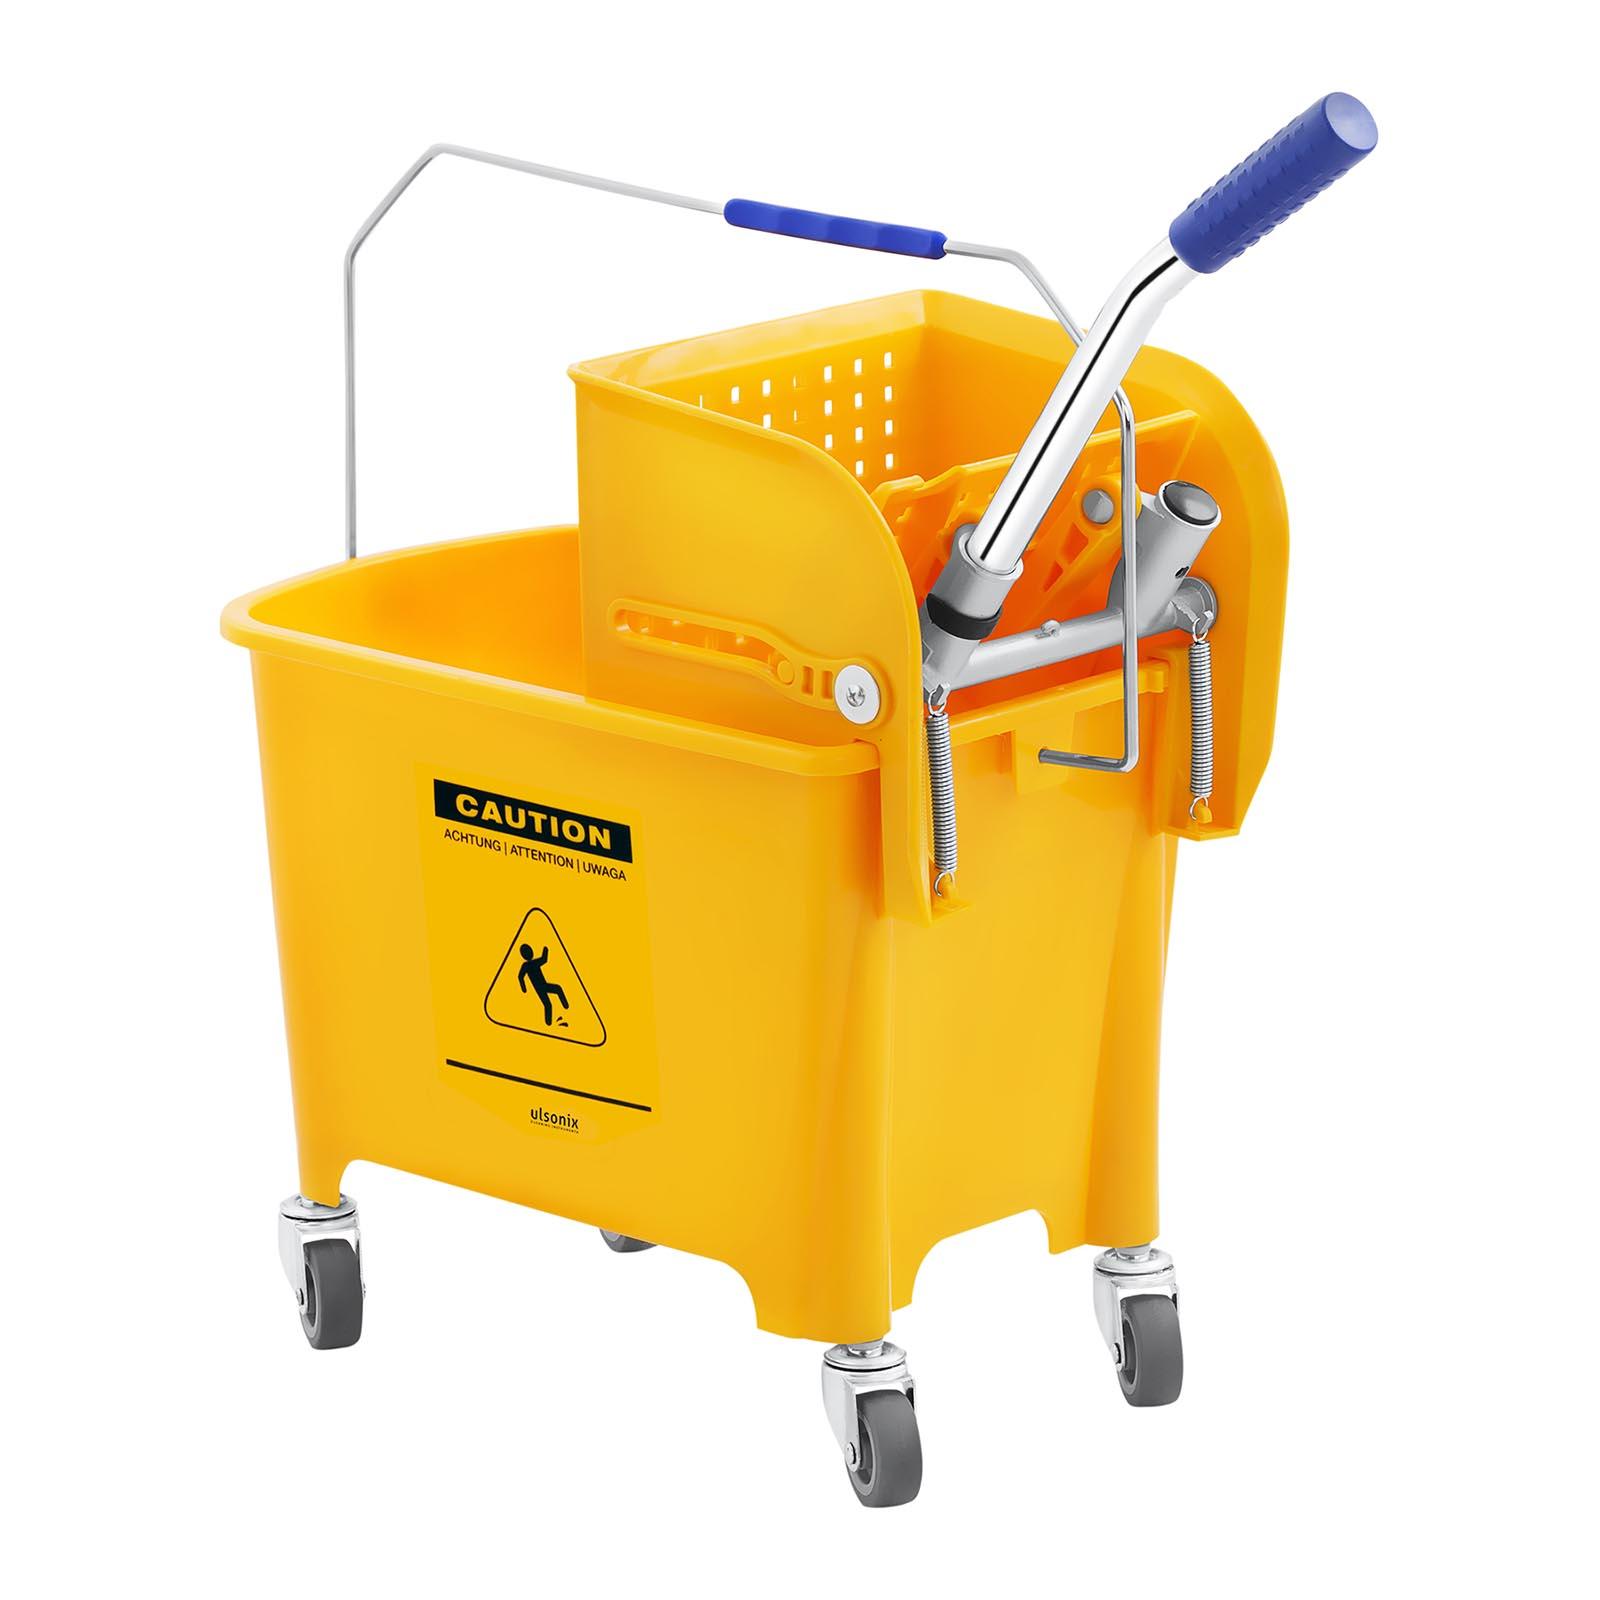 Secchio-Lavapavimenti-Con-Mocio-E-Strizzatore-Pulizia-Professionale-Cartello-20L miniatura 2